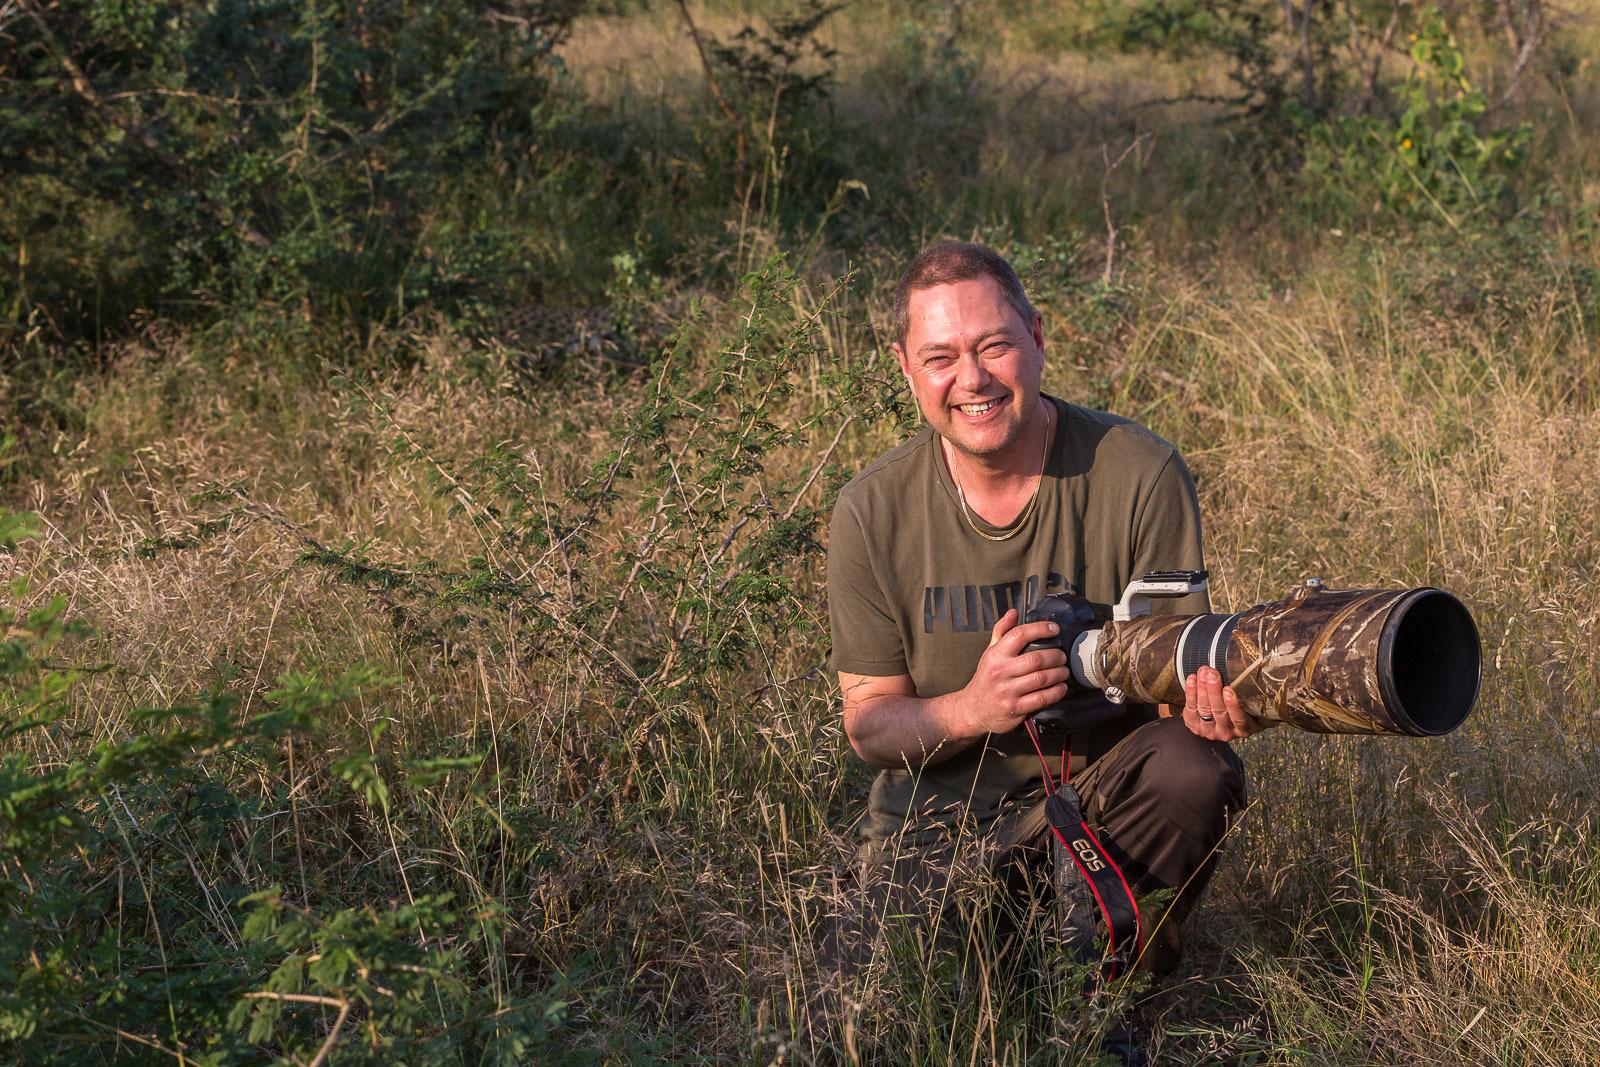 Jag med Gepard i bakgrunden